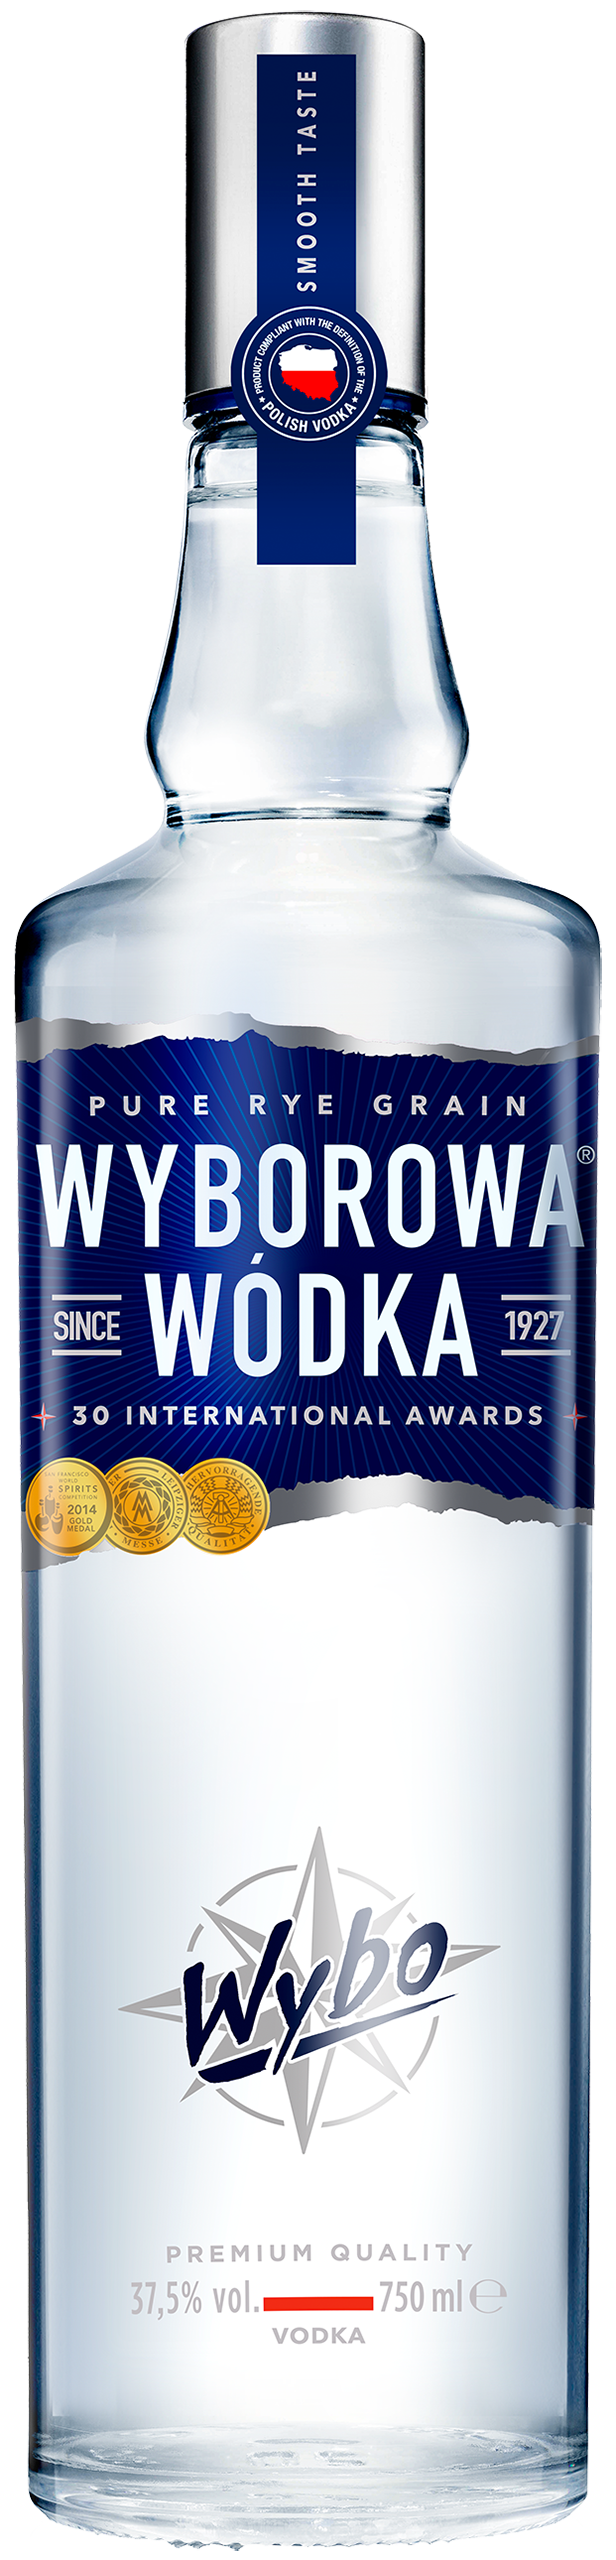 Packshot Wyborowa